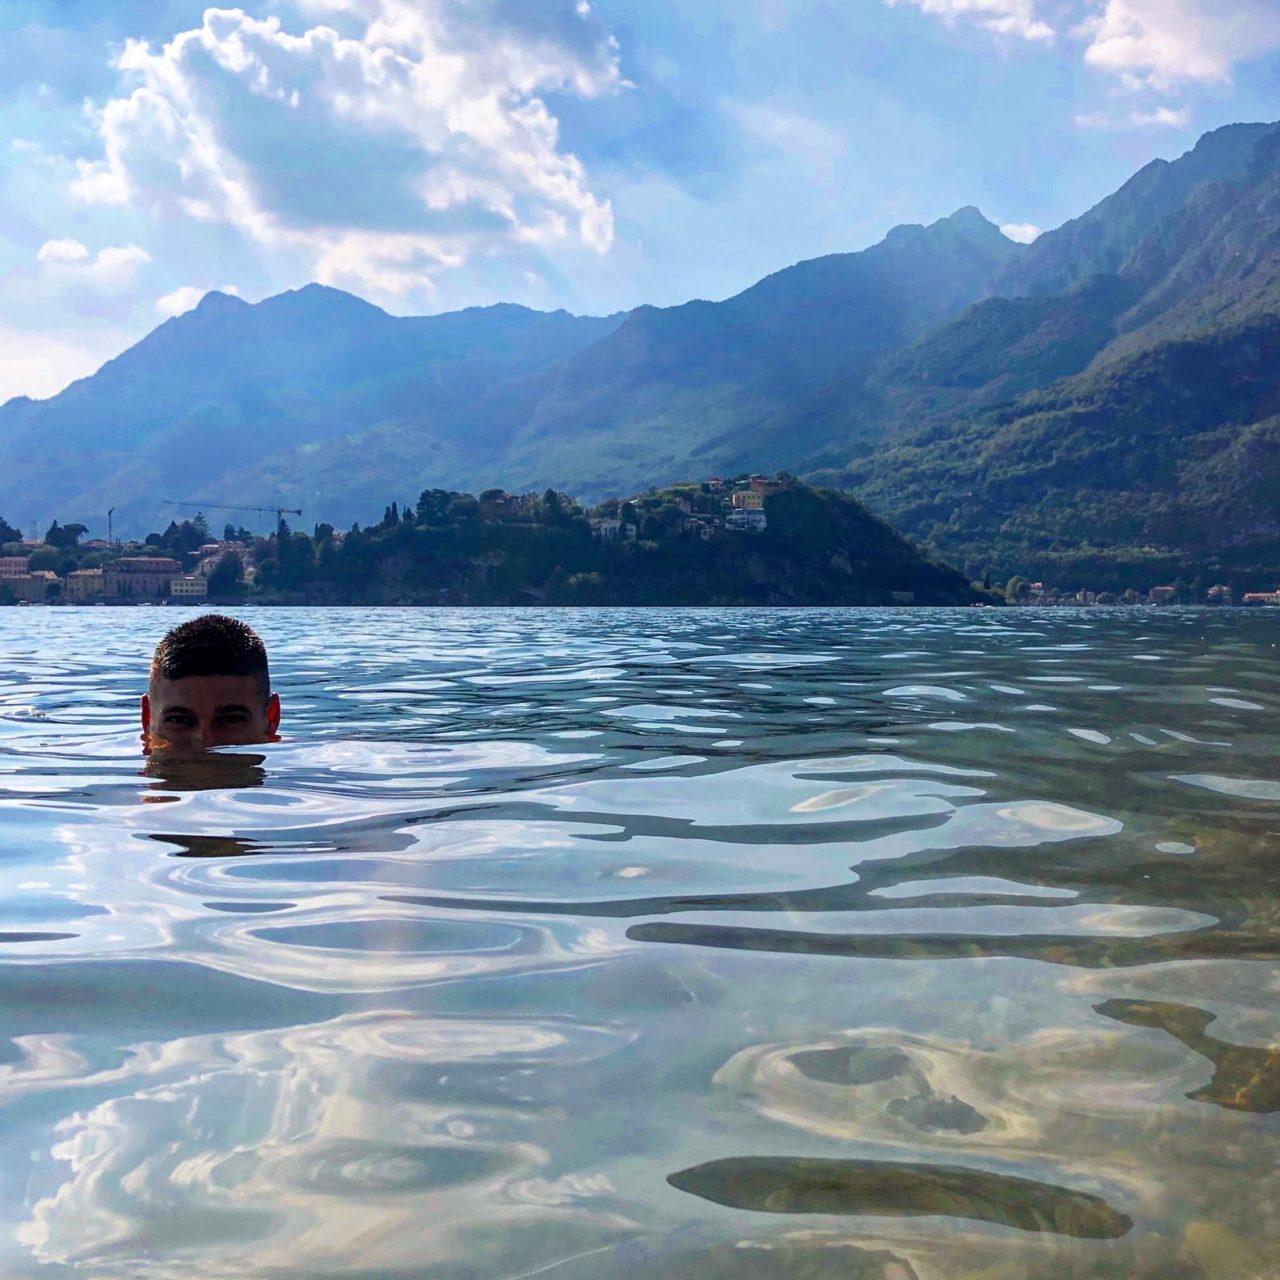 Fiorenza swims in Lake Como.